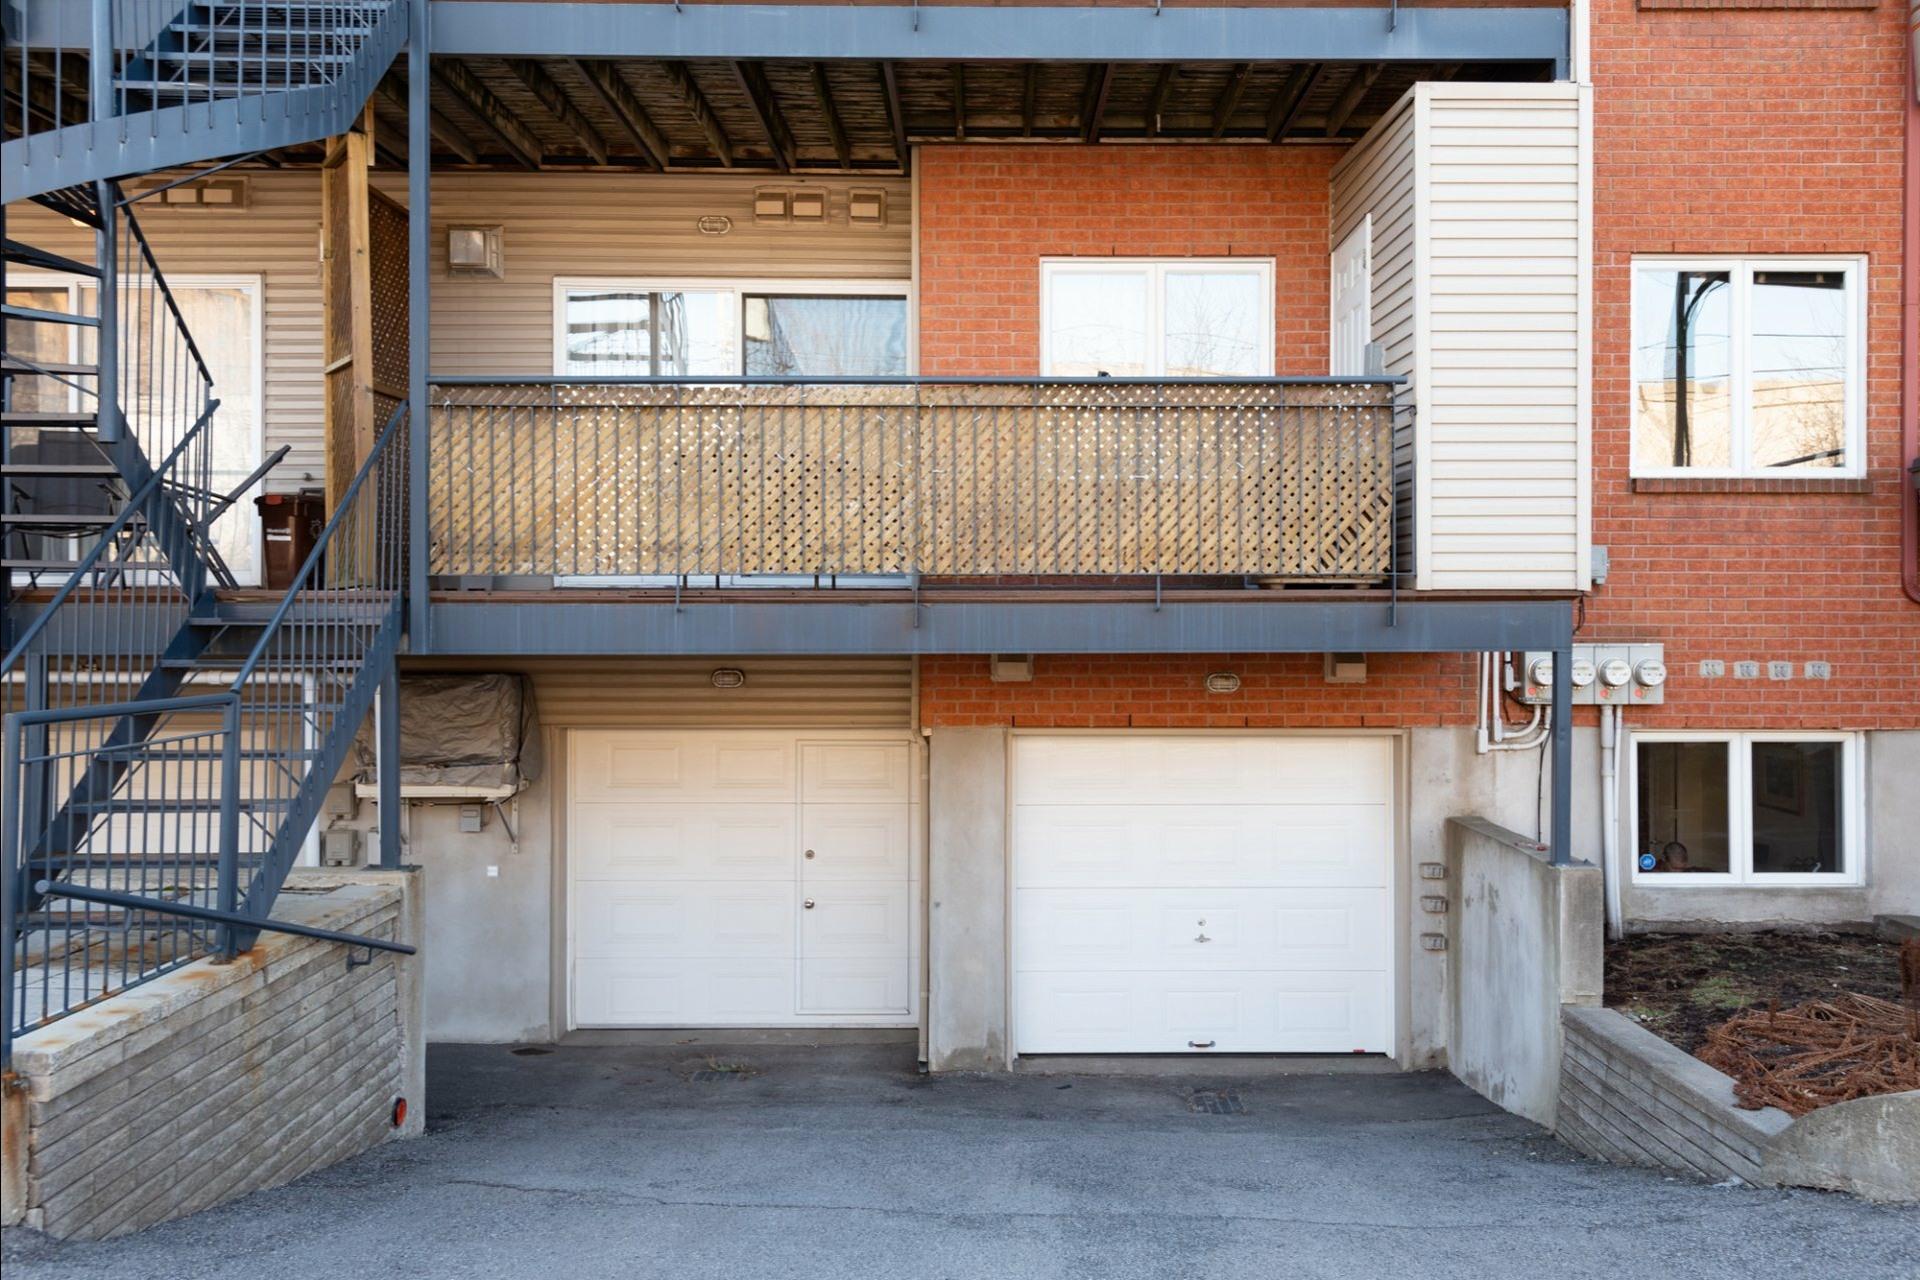 image 27 - Appartement À vendre Le Plateau-Mont-Royal Montréal  - 7 pièces